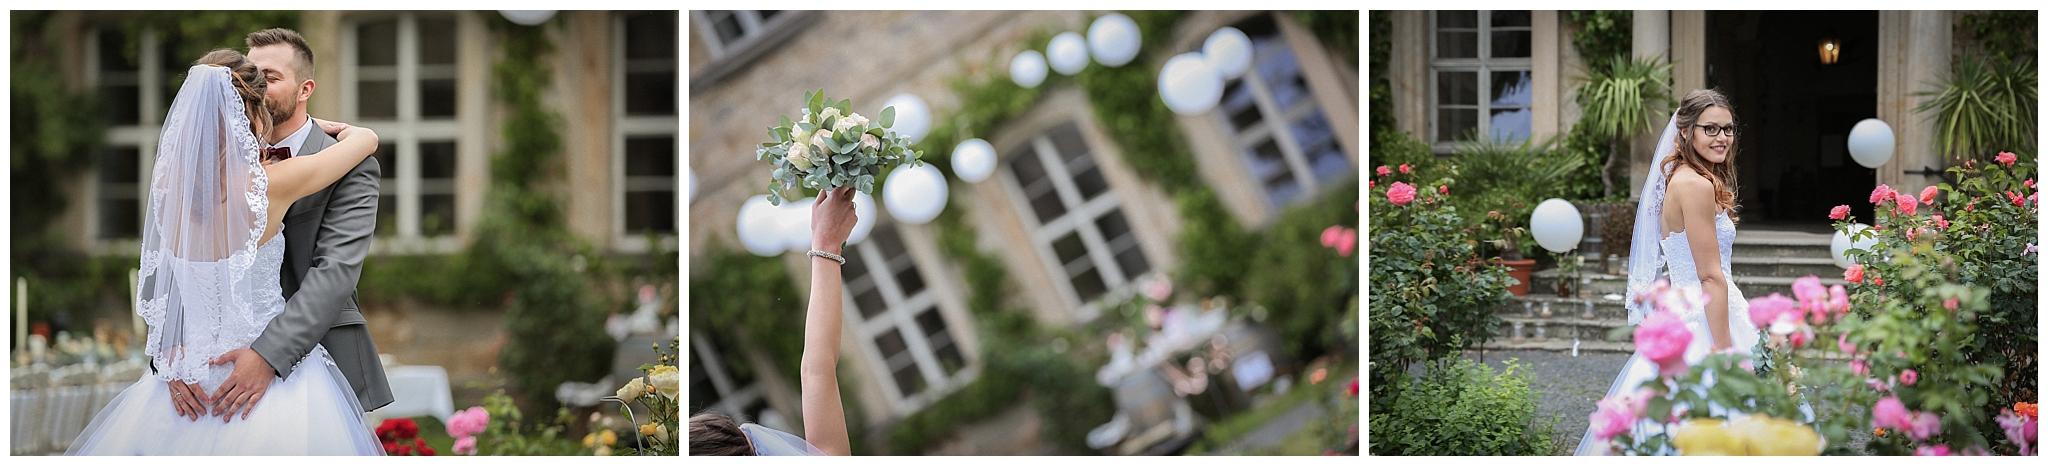 Hochzeit_Menninger_dieLICHTBUILDER_59.jpg